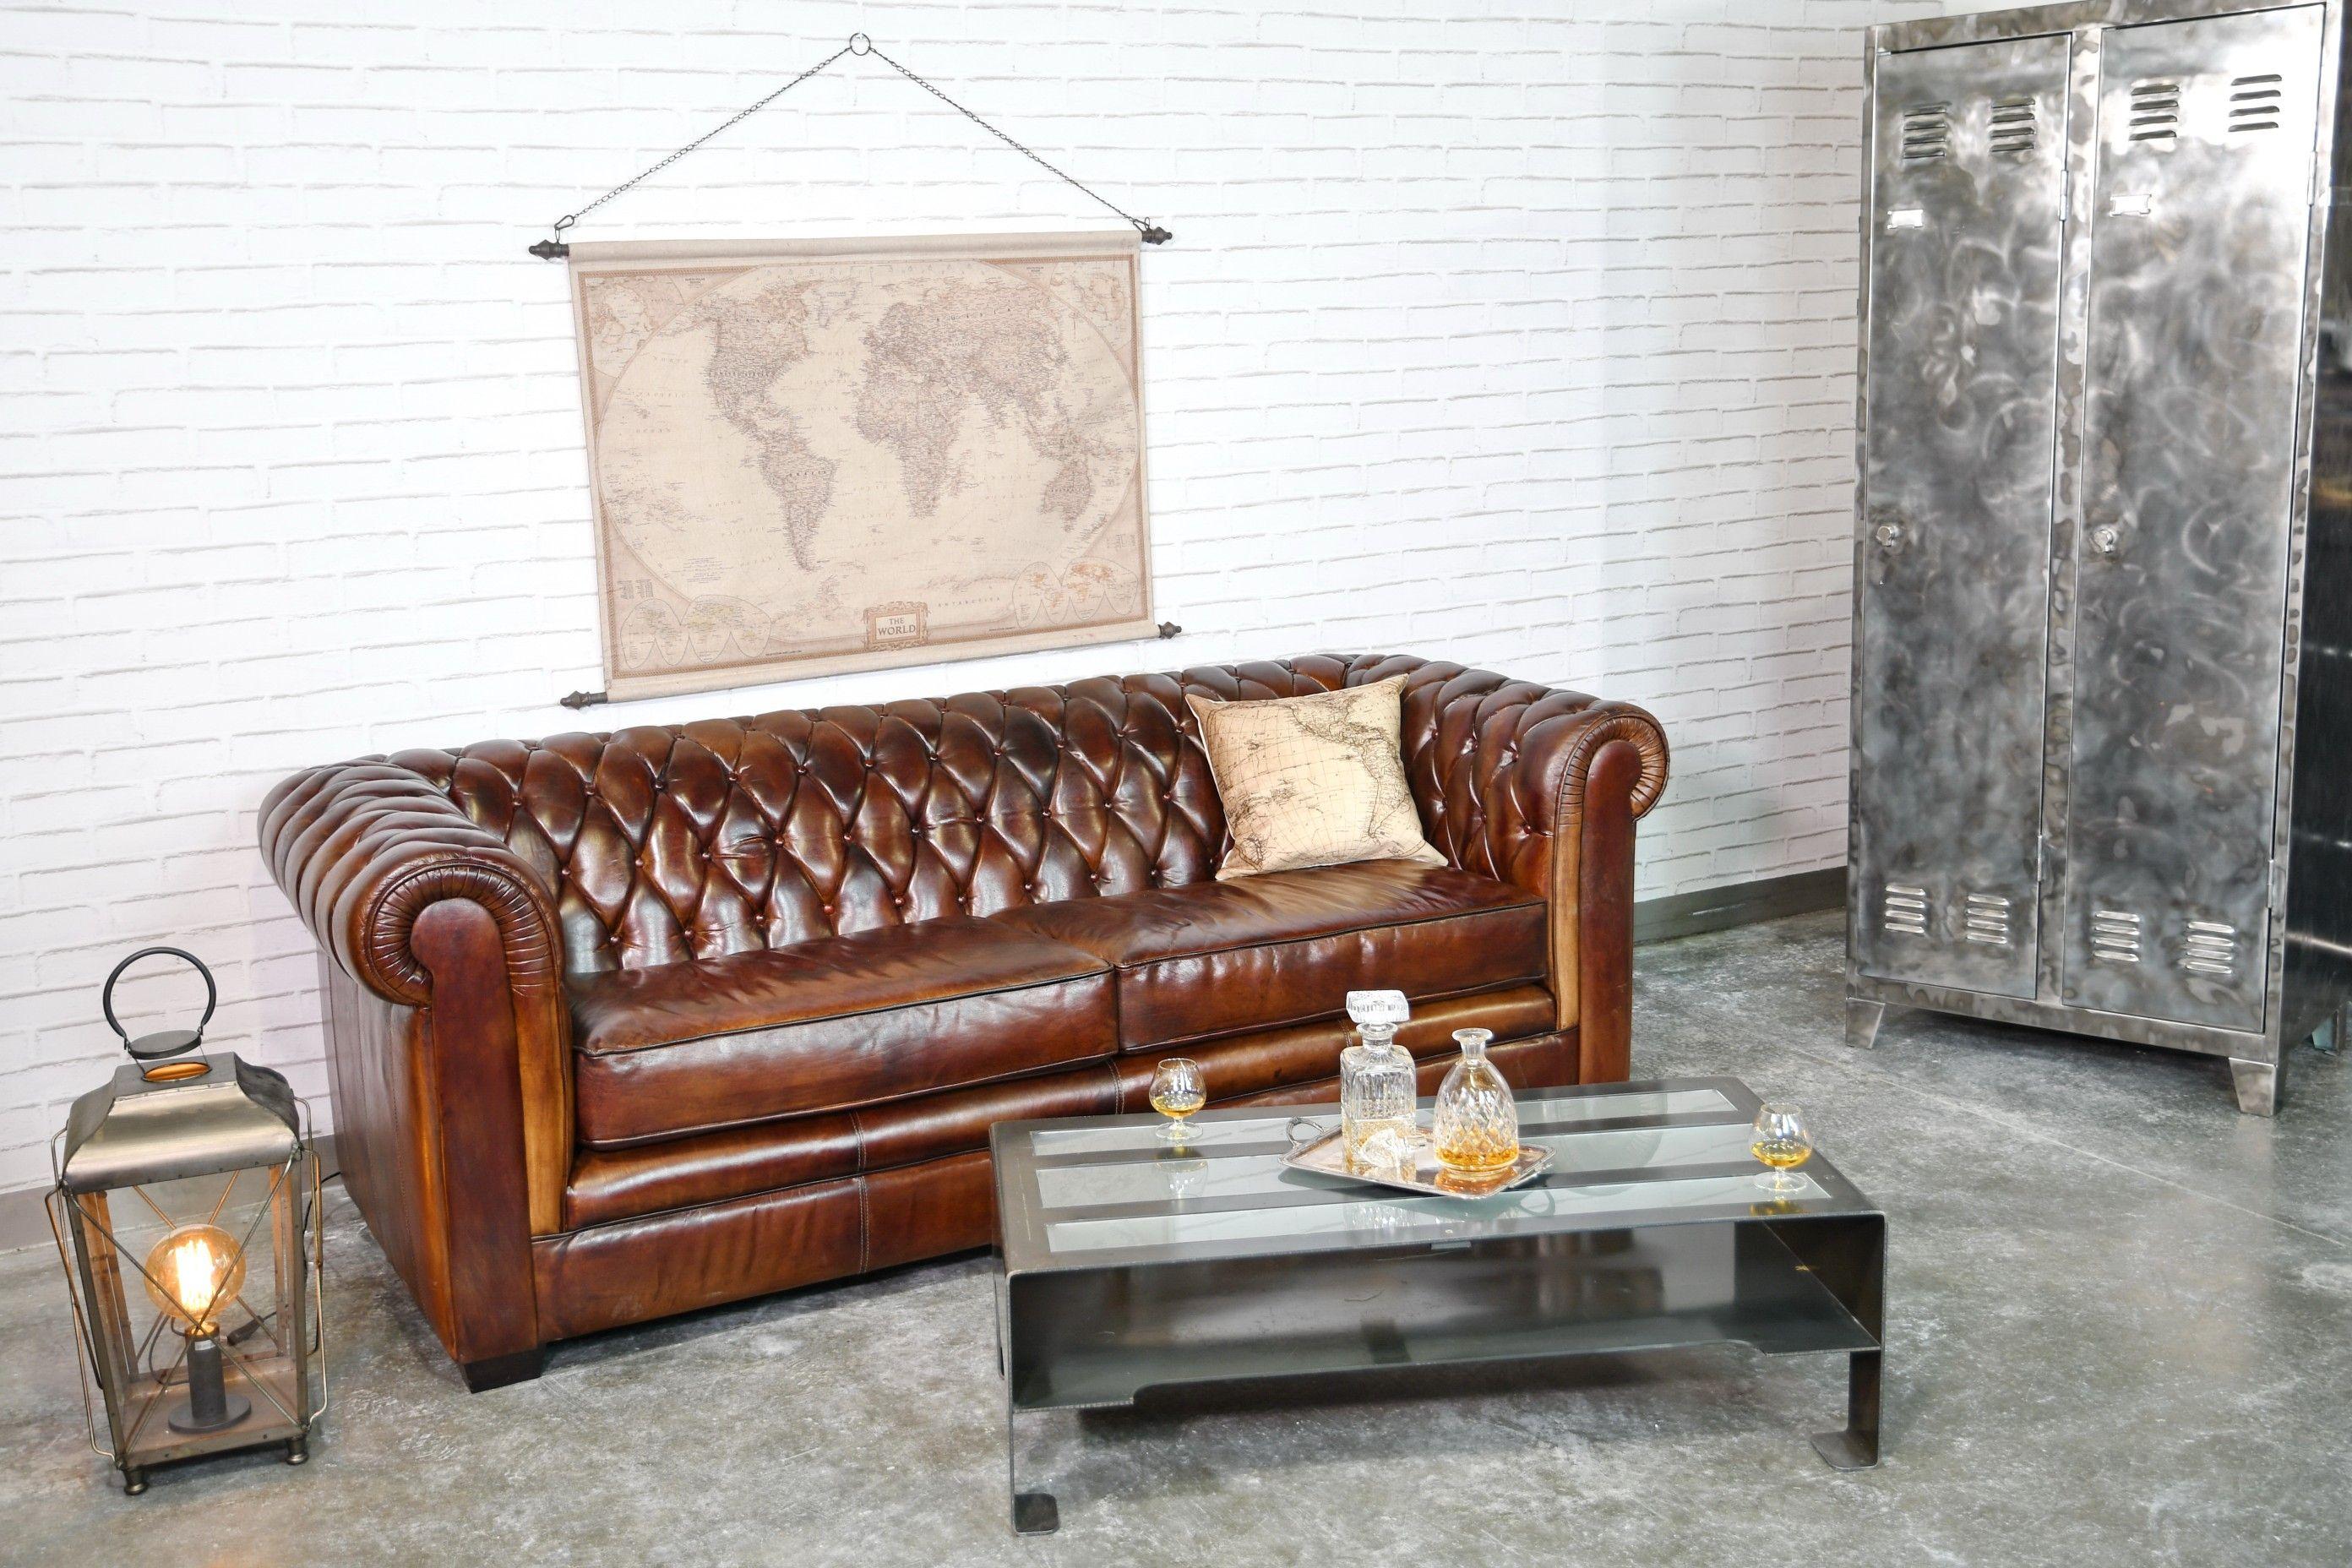 Canape Cervus Cuir Couleur Cognac Avec Structure En Acier Style Industriel Design Factory En Vente Sur Cervus Fr Canape Mobilier De Salon Canape Cuir